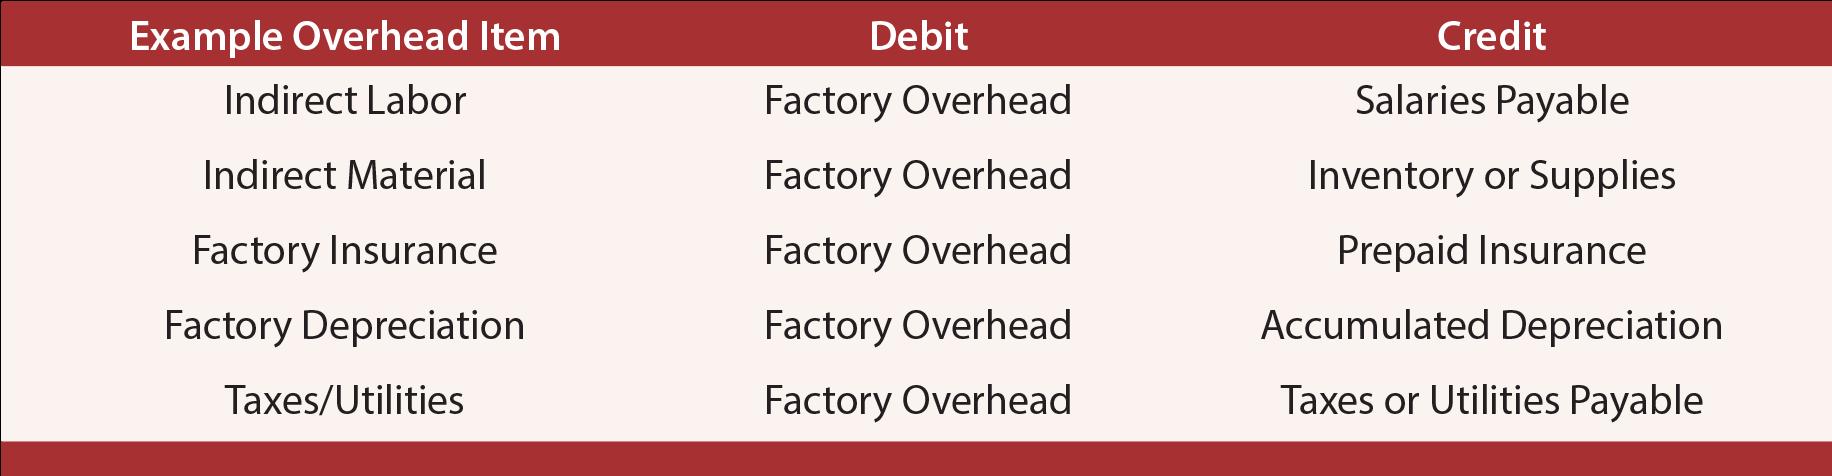 Actual Overhead - Factory Overhead Debits